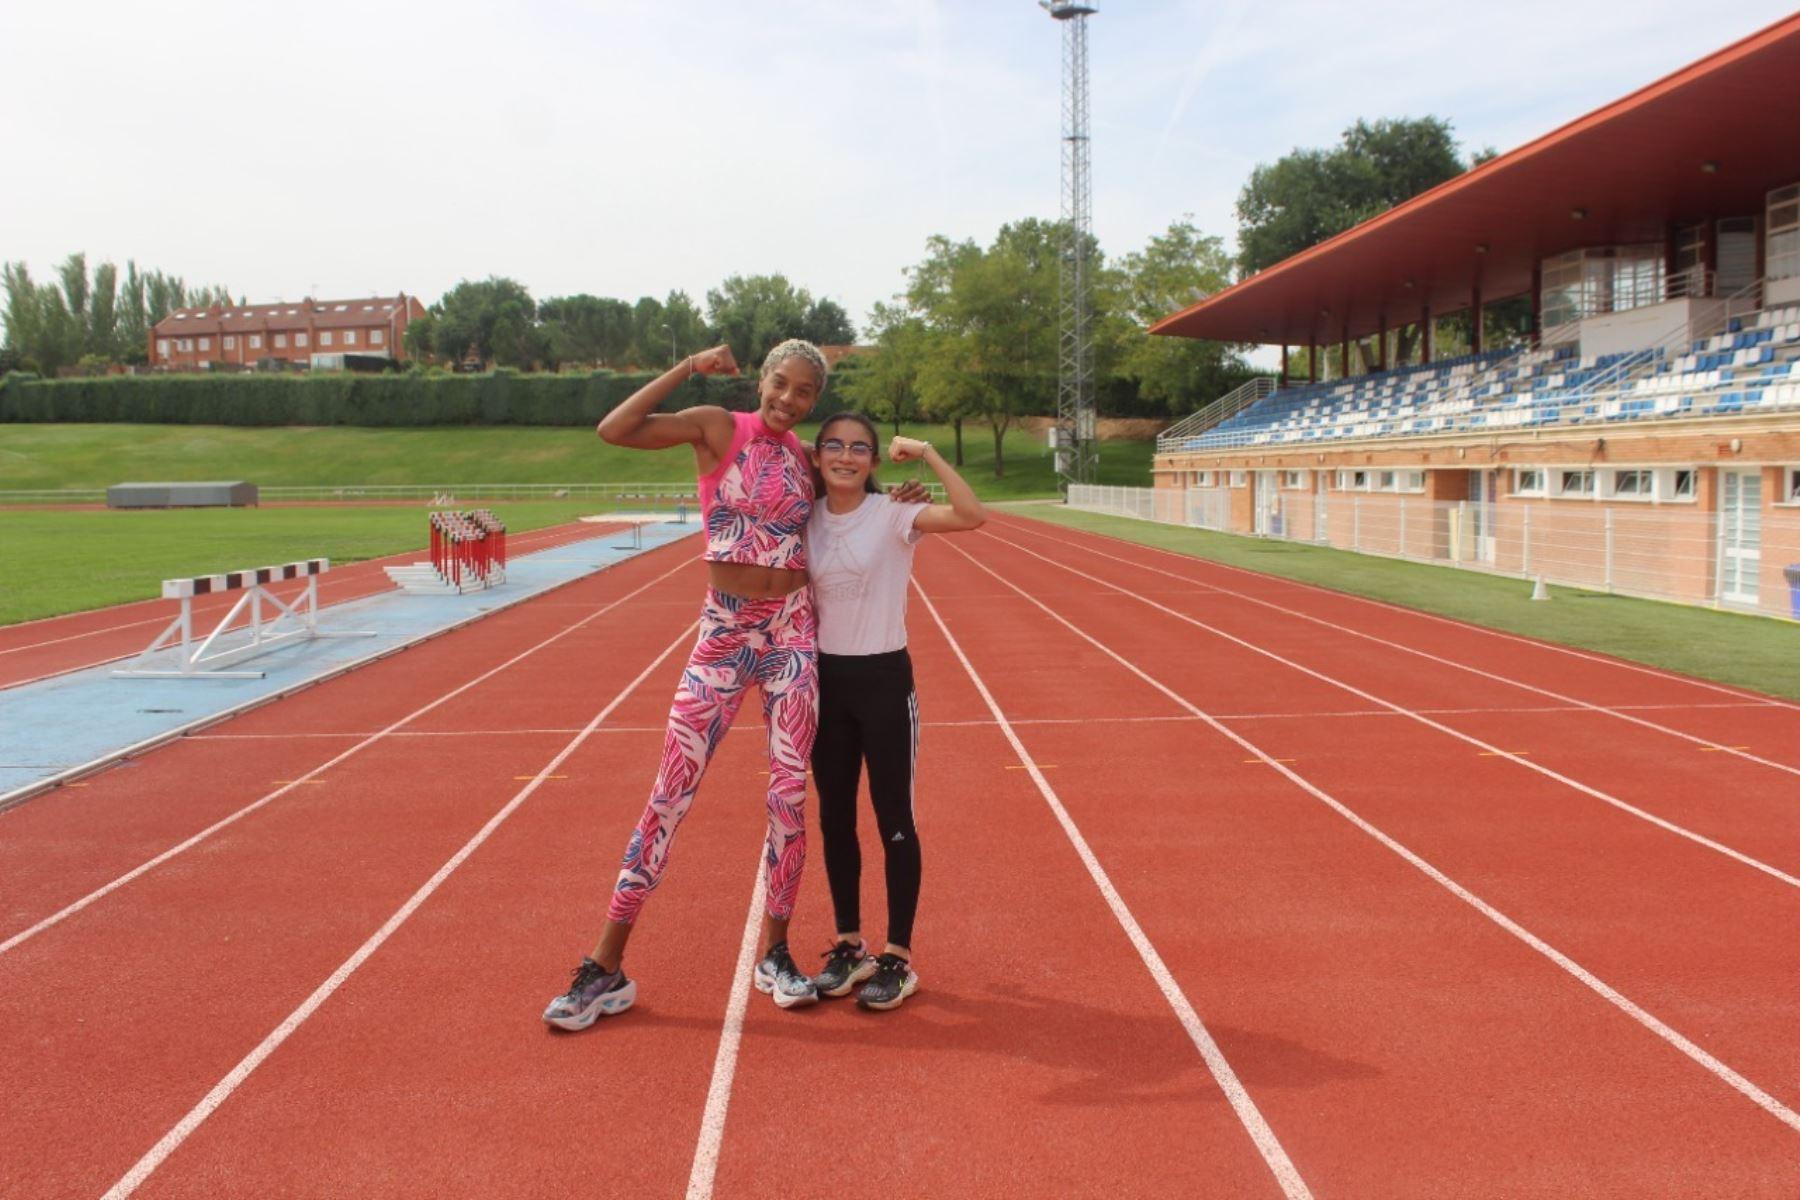 Cayetana Chirinos posa junto  a la campeona olímpica en salto triple, Yulimar Rojas y sueña con seguir sus pasos